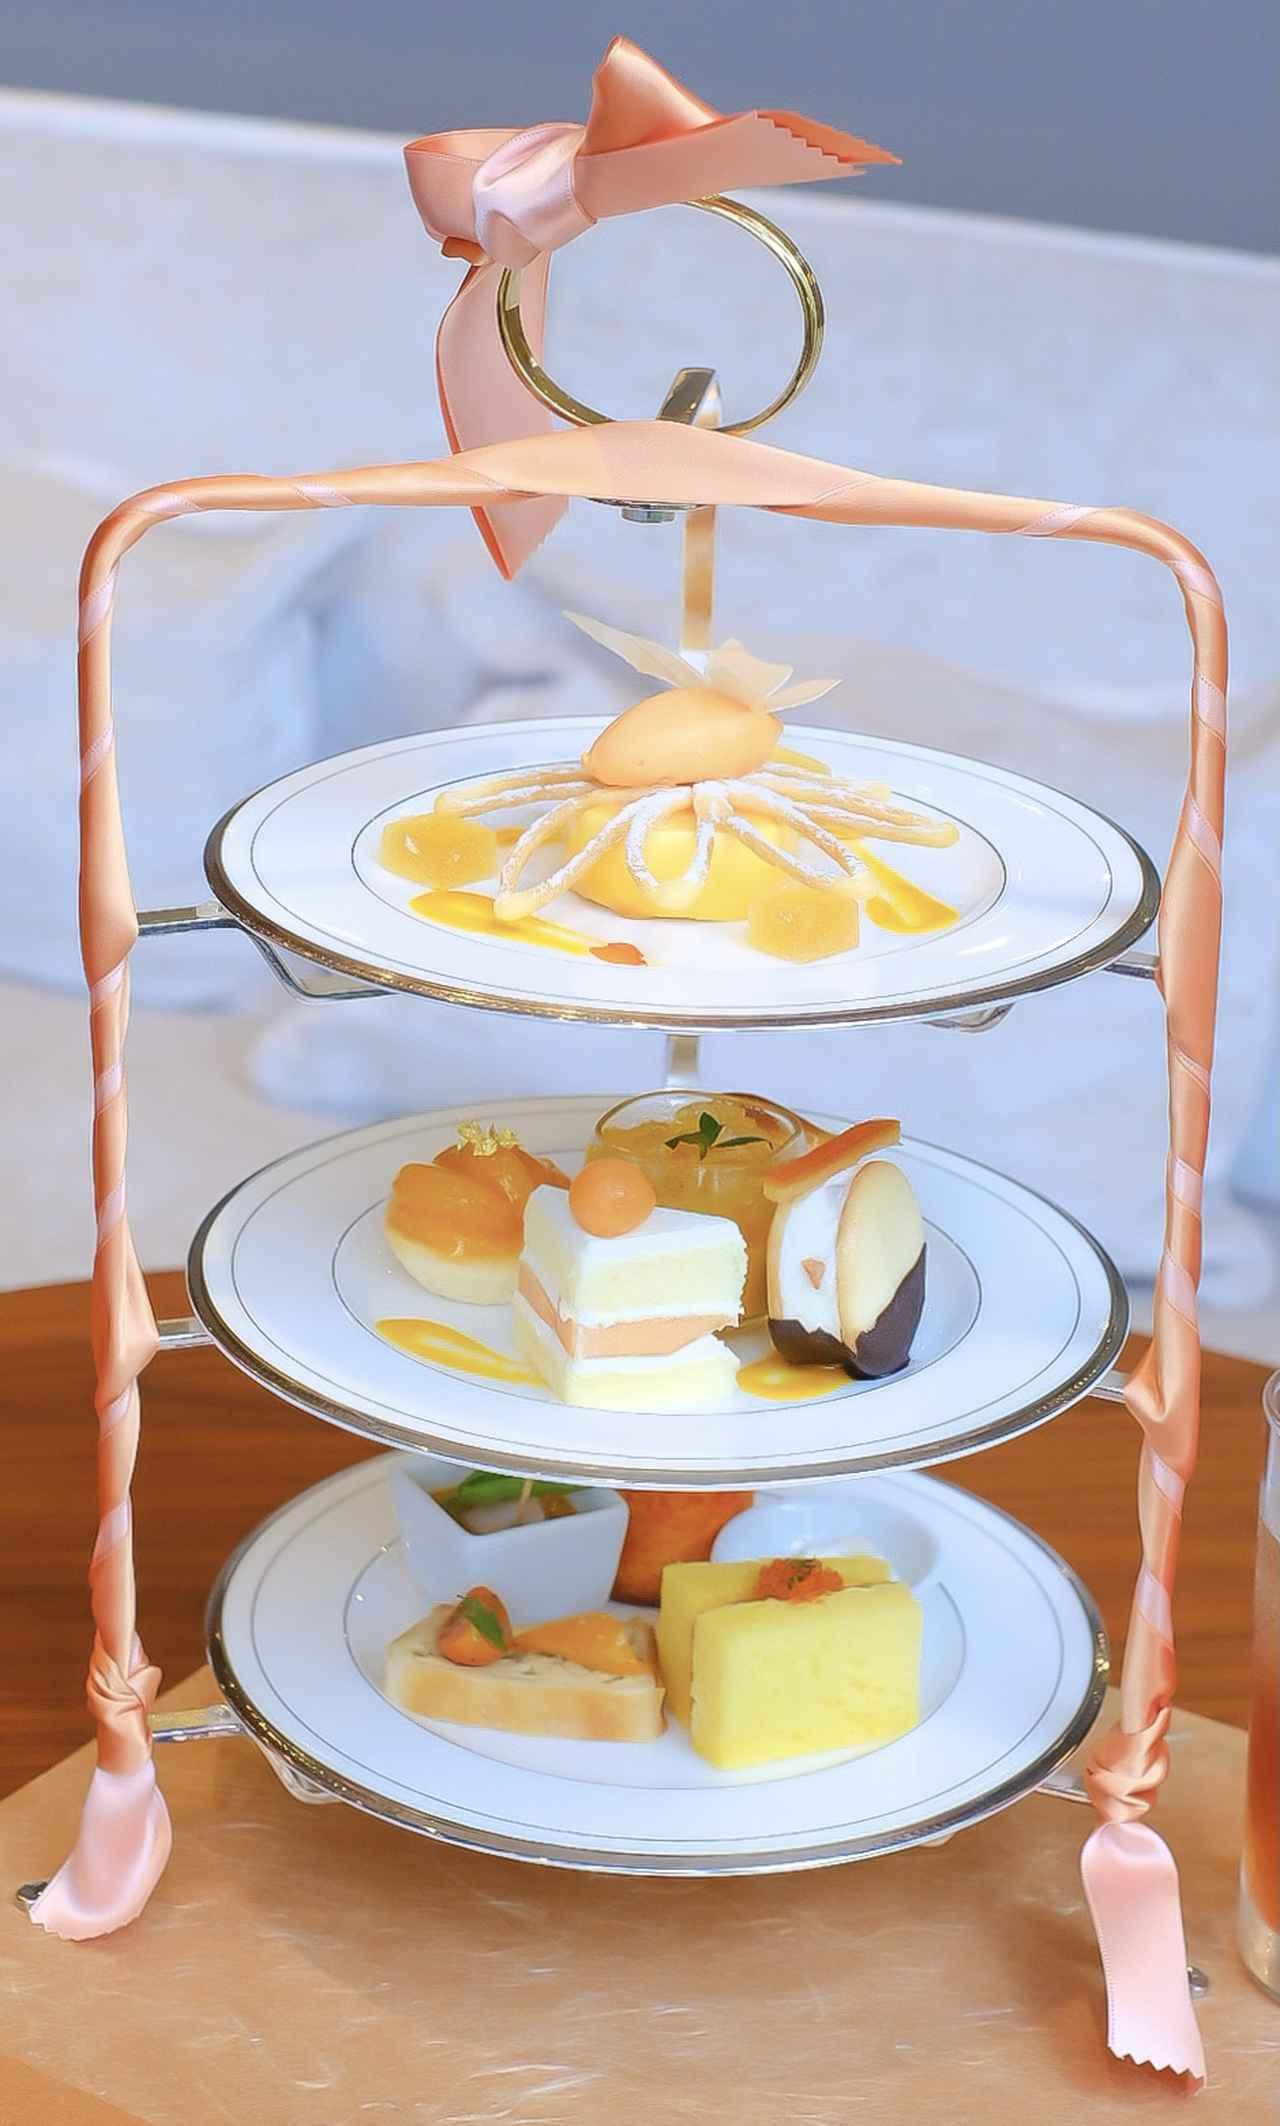 画像7: 【試食レポ】「グランドニッコー東京 台場」の『マリーゴールドオレンジ アフタヌーンティーセット』